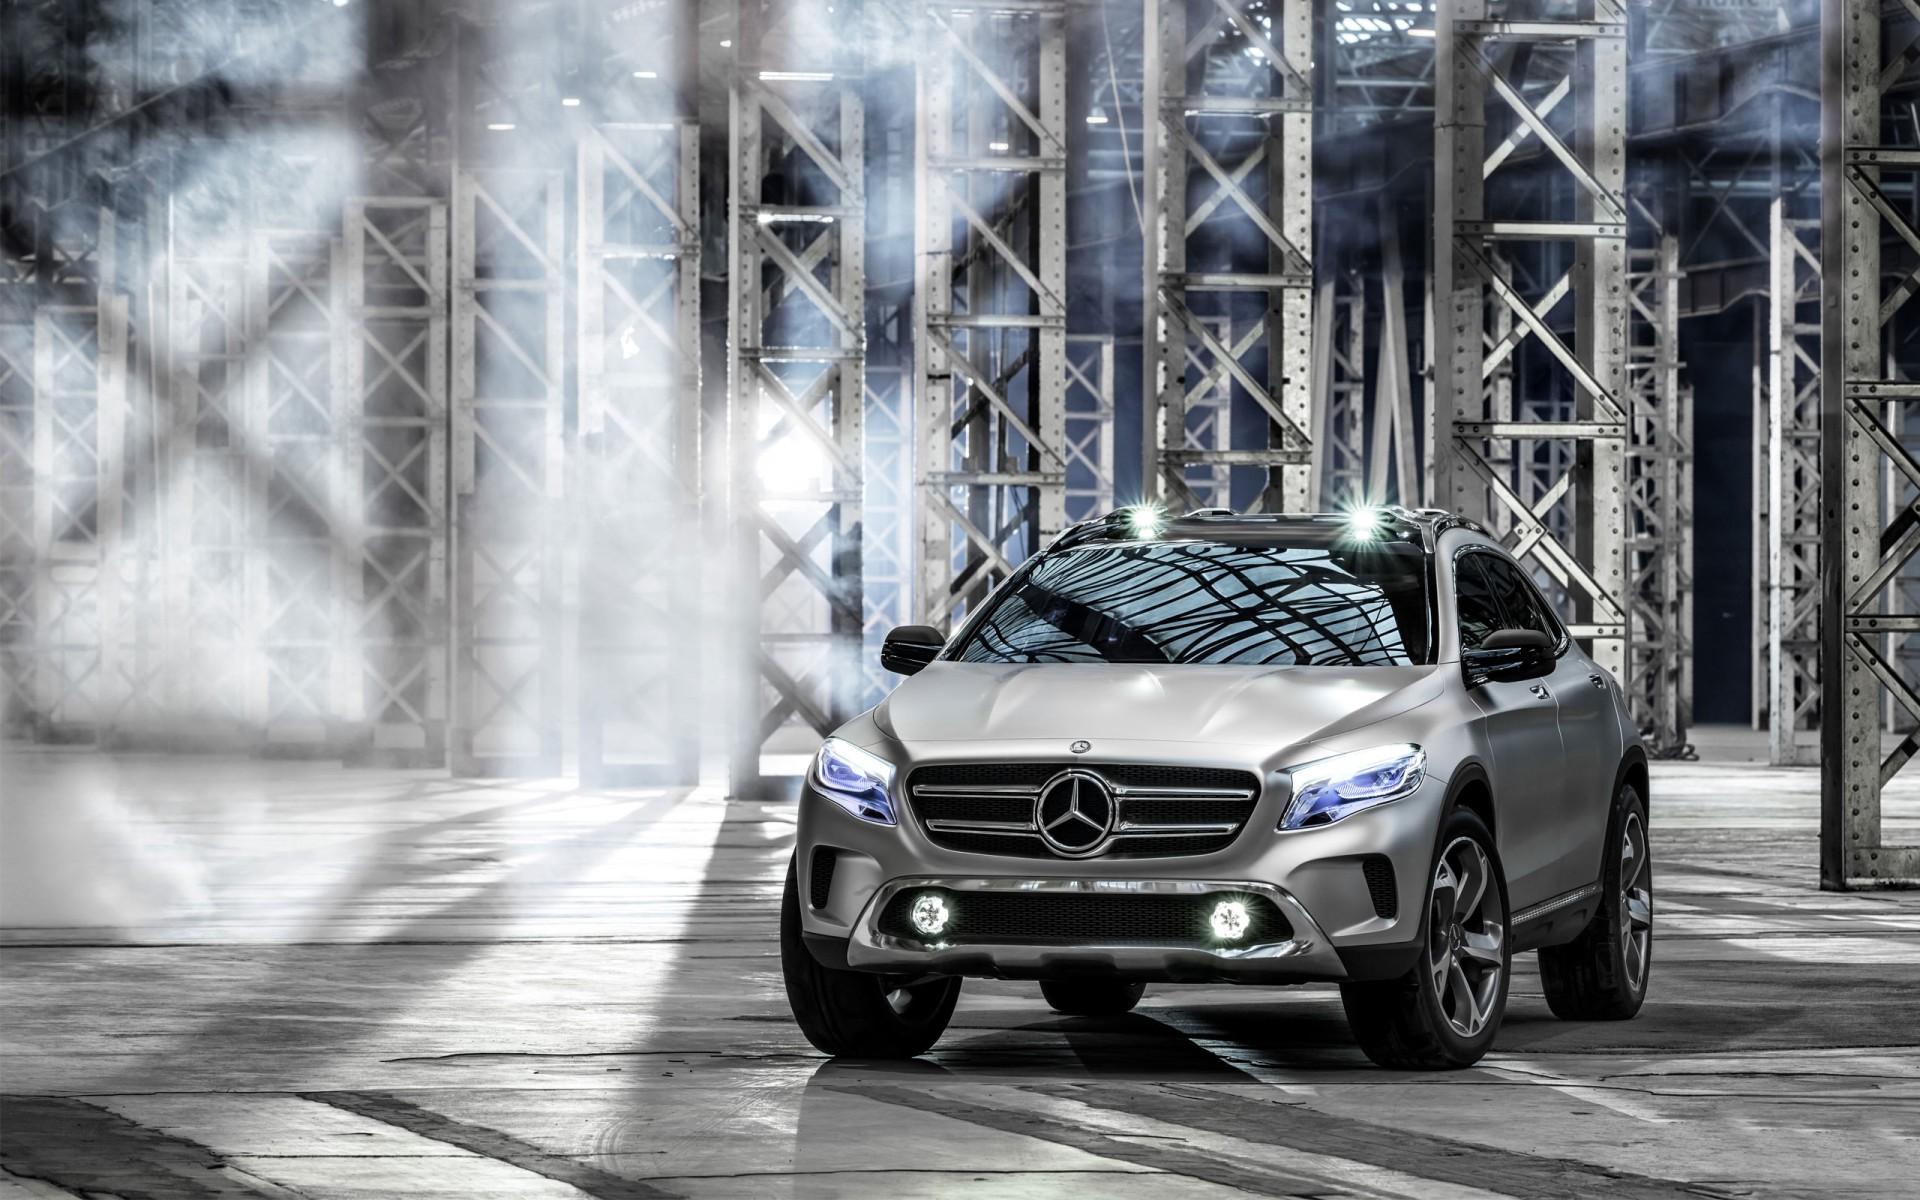 2013 Mercedes Benz GLA Concept Wallpaper | HD Car ...